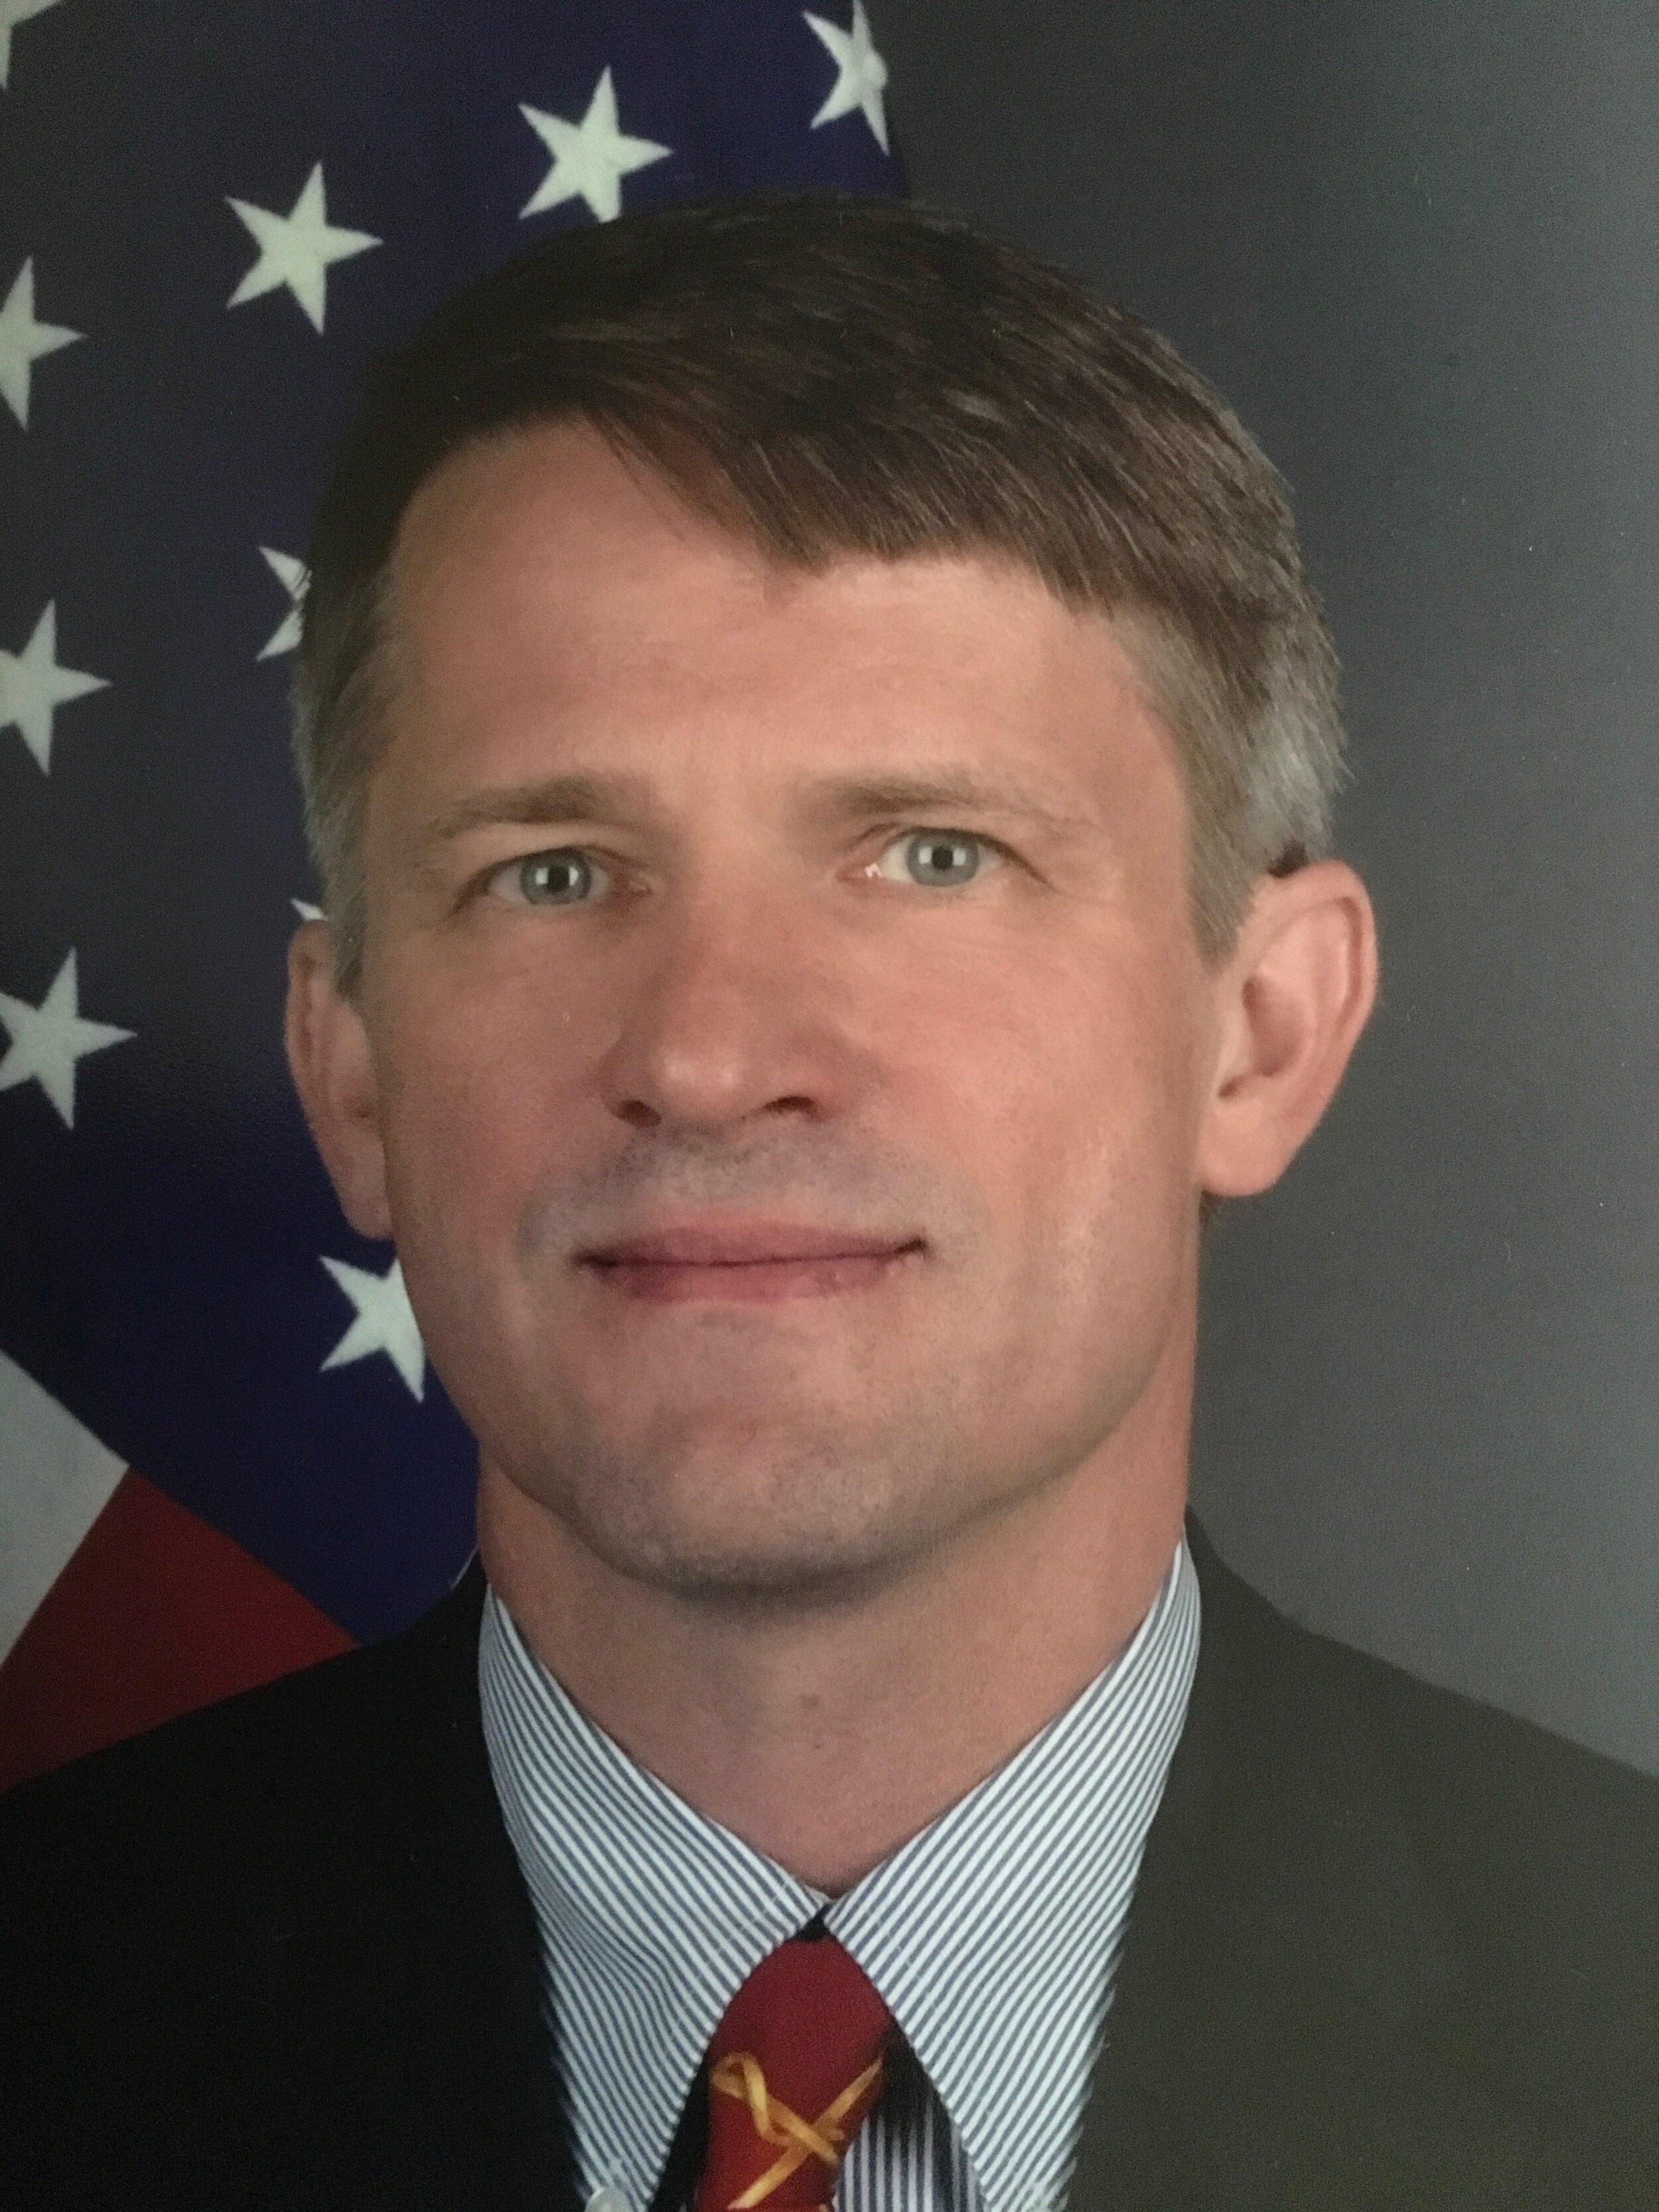 Amb. Thomas Countryman